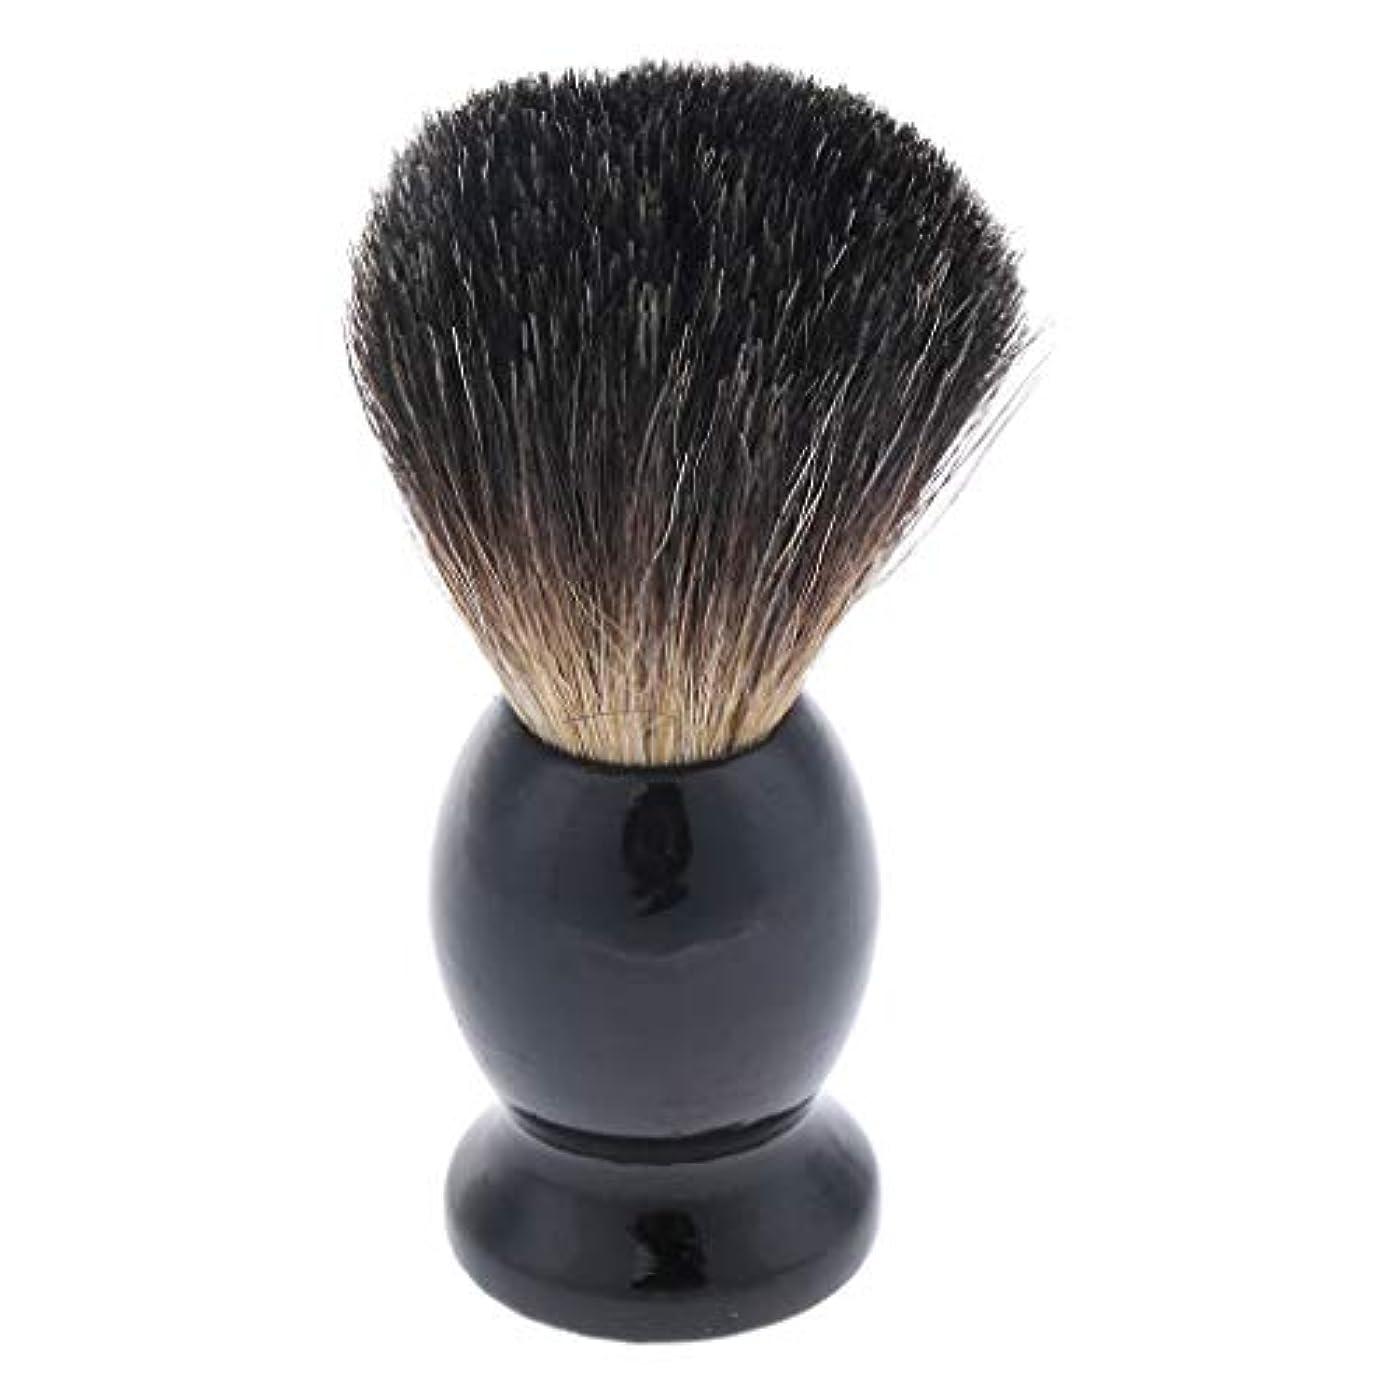 の量常習者に関してメンズ ひげブラシ シェービングブラシ ひげ剃りブラシ 木製ハンドル 父 贈り物